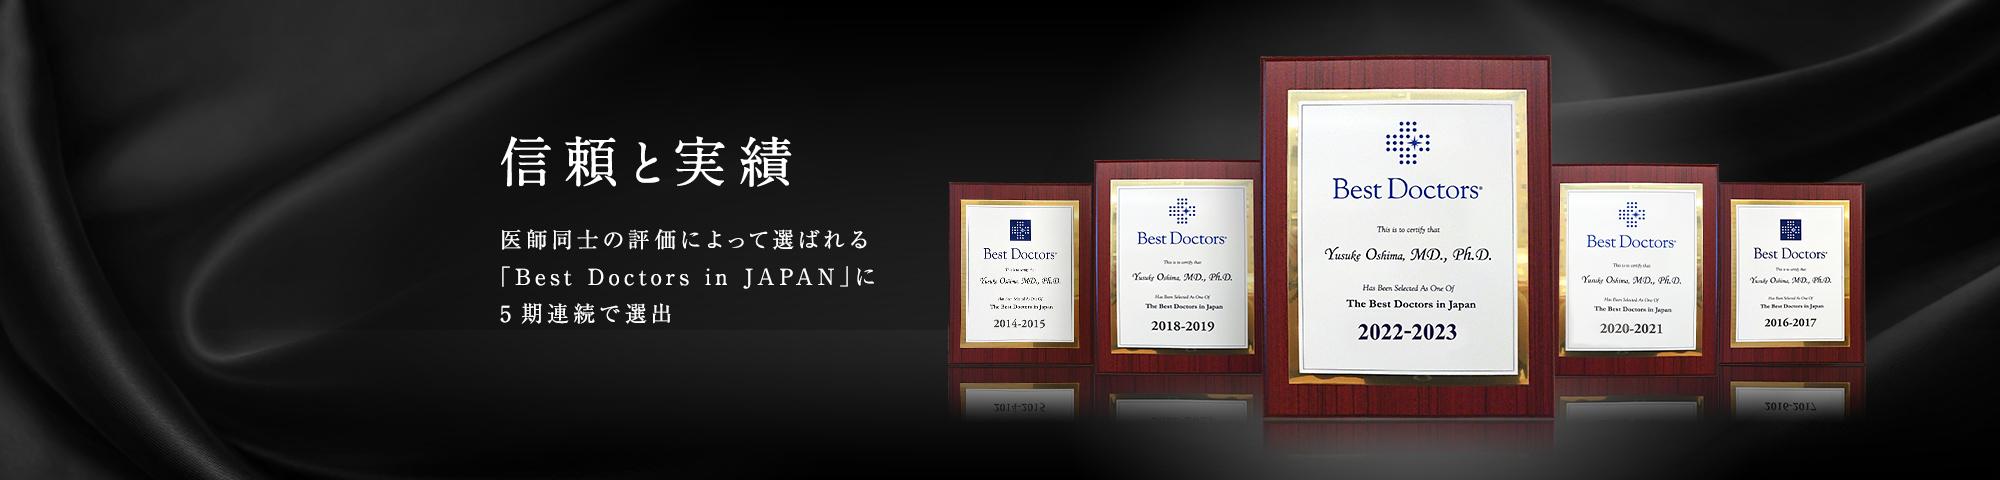 信頼と実績 医師同士の評価によって選ばれる 「Best Doctors in JAPAN」に 4期連続で選出